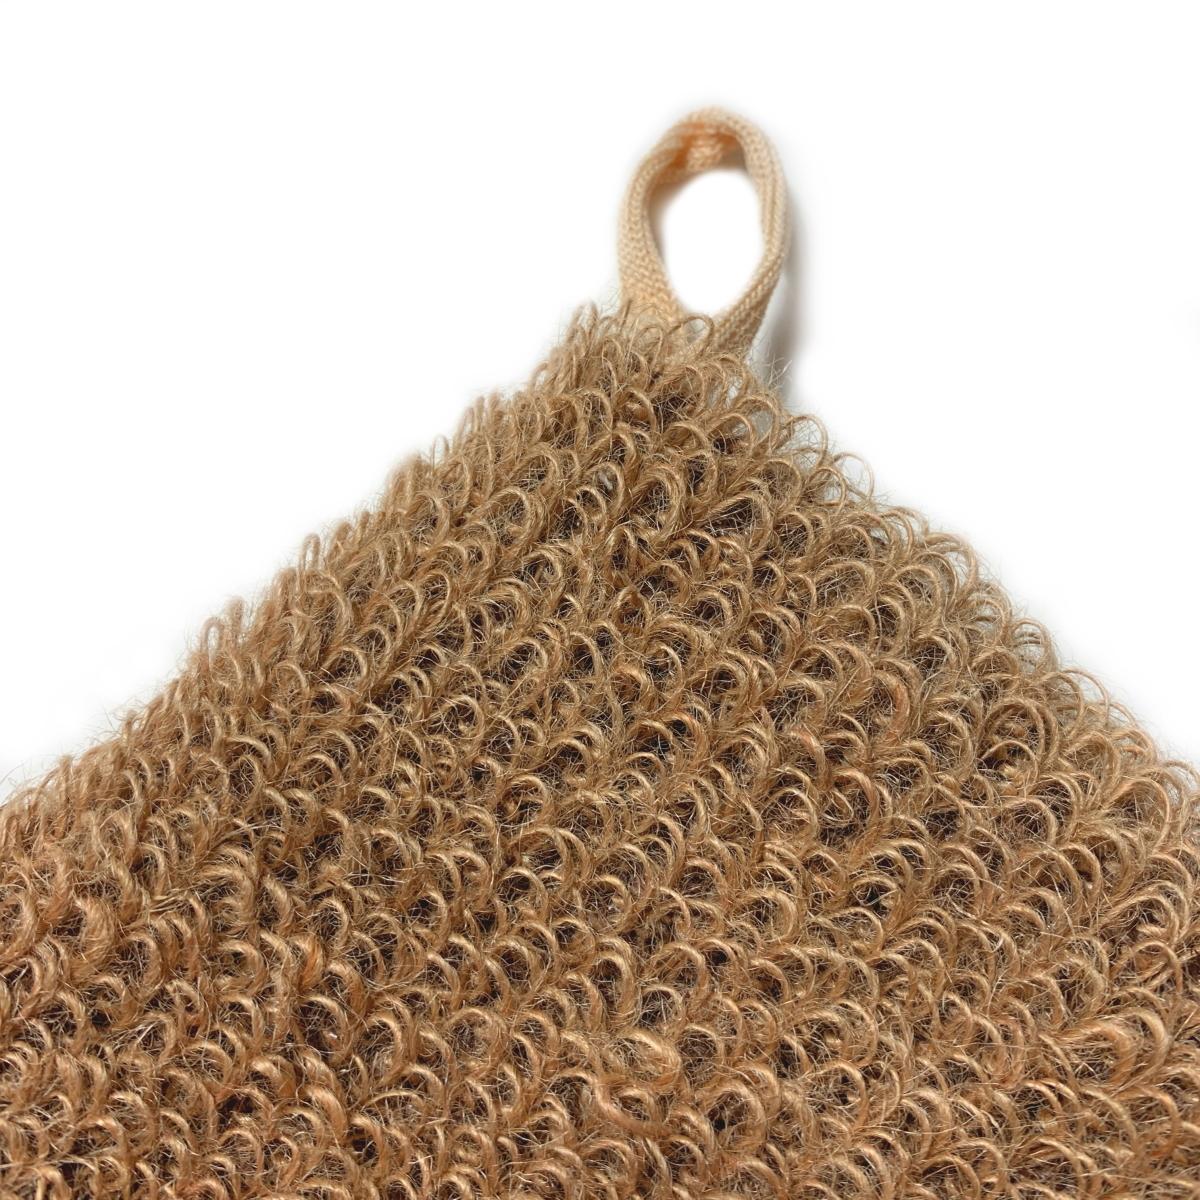 Мочалка-рукавица  массажная из натурального волокна (джут)